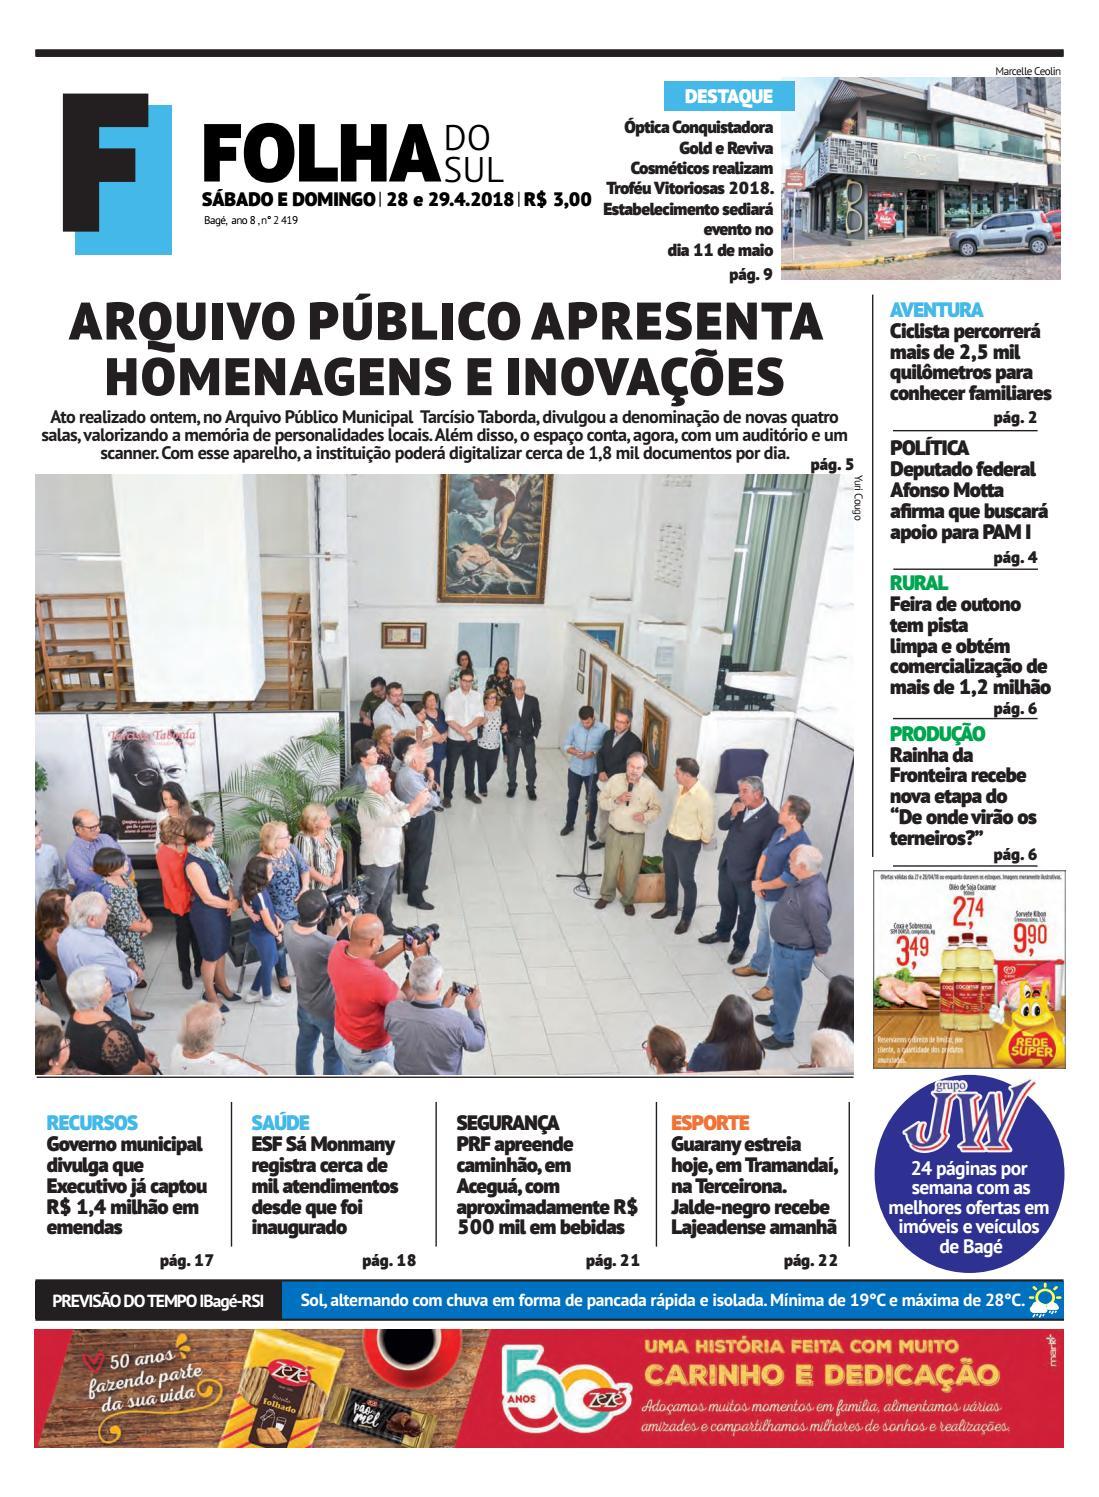 Jornal Folha do Sul, 28 e 29 de abril de 2018 by Folha do Sul Gaúcho - issuu 1c65bdb922